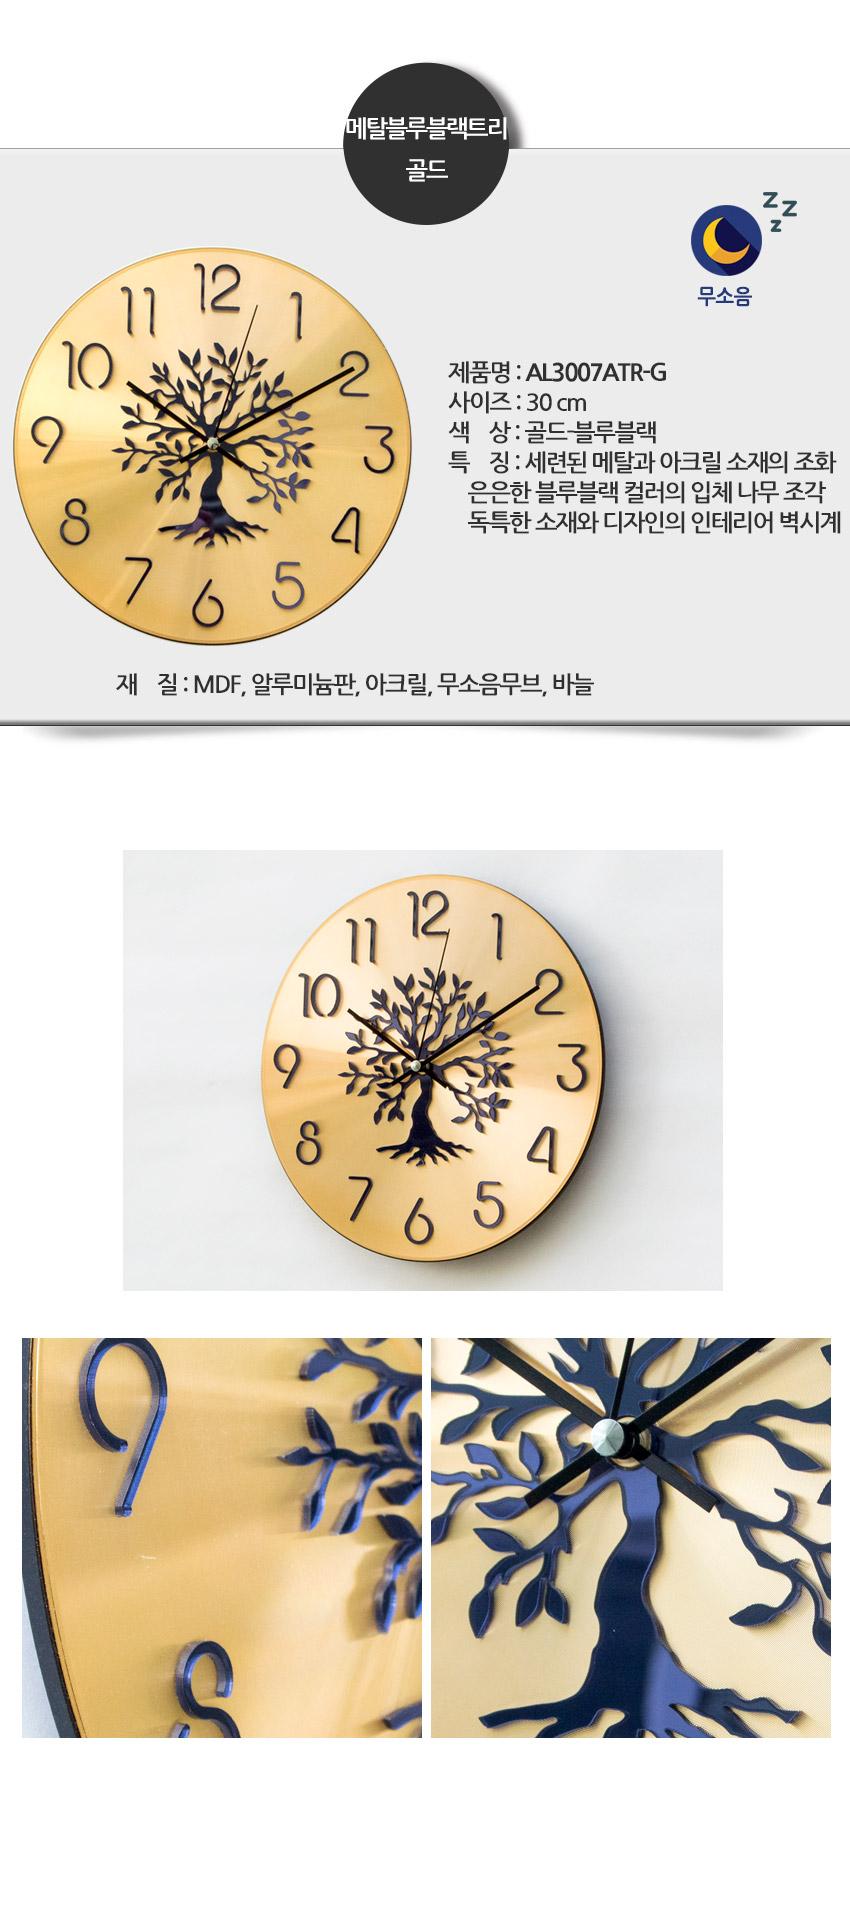 메탈 블루블랙트리 벽시계 - 로얄데코, 36,000원, 벽시계, 디자인벽시계